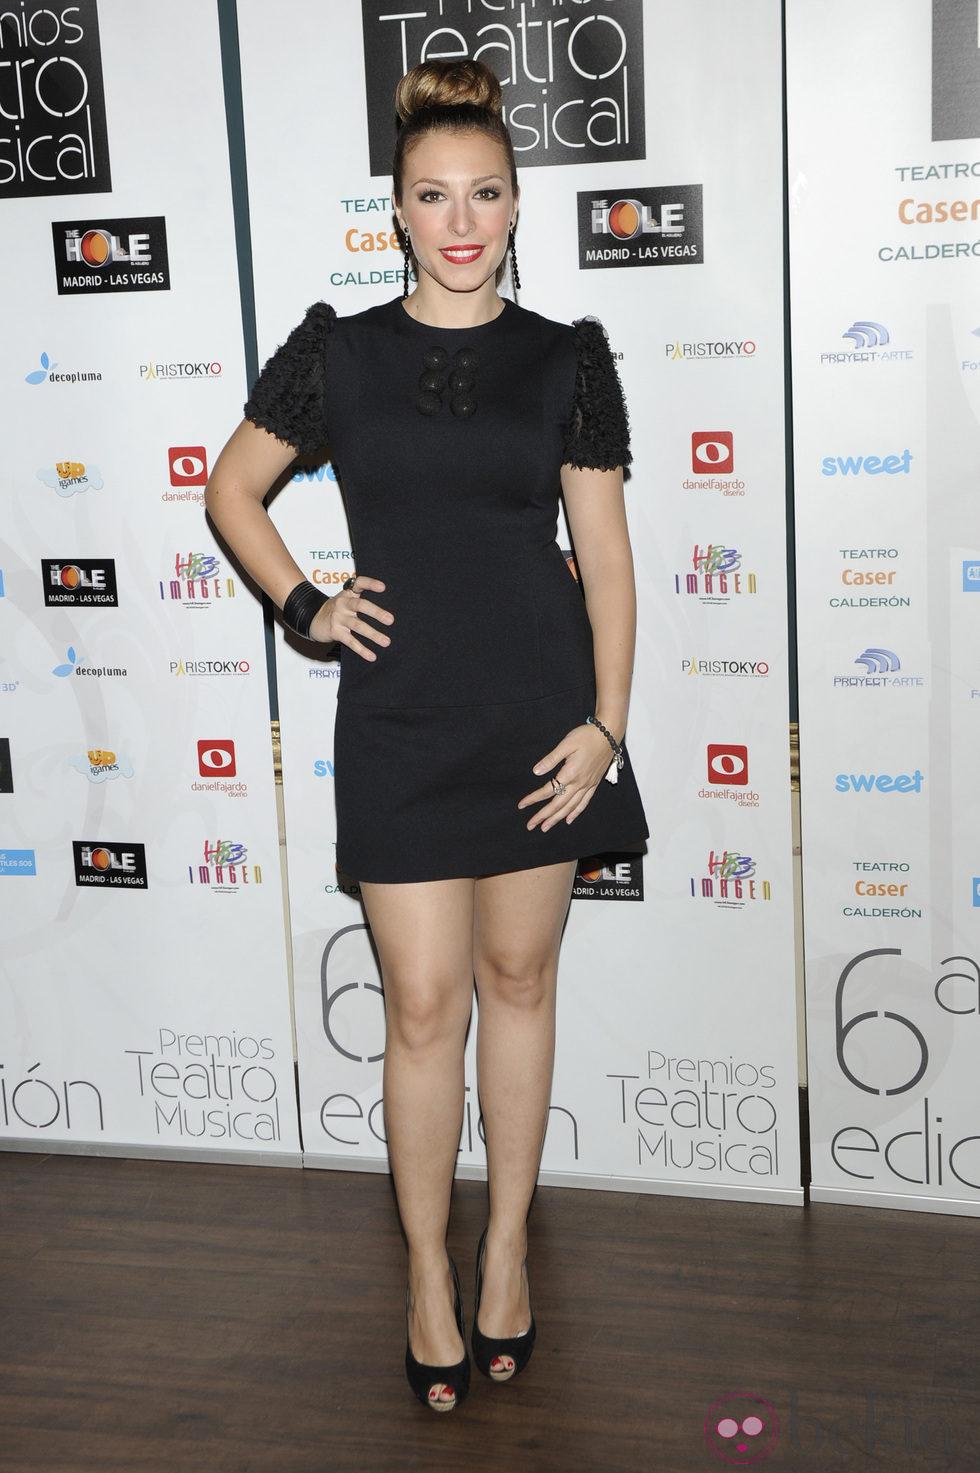 Gisela en los Premios del Teatro Musical 2012